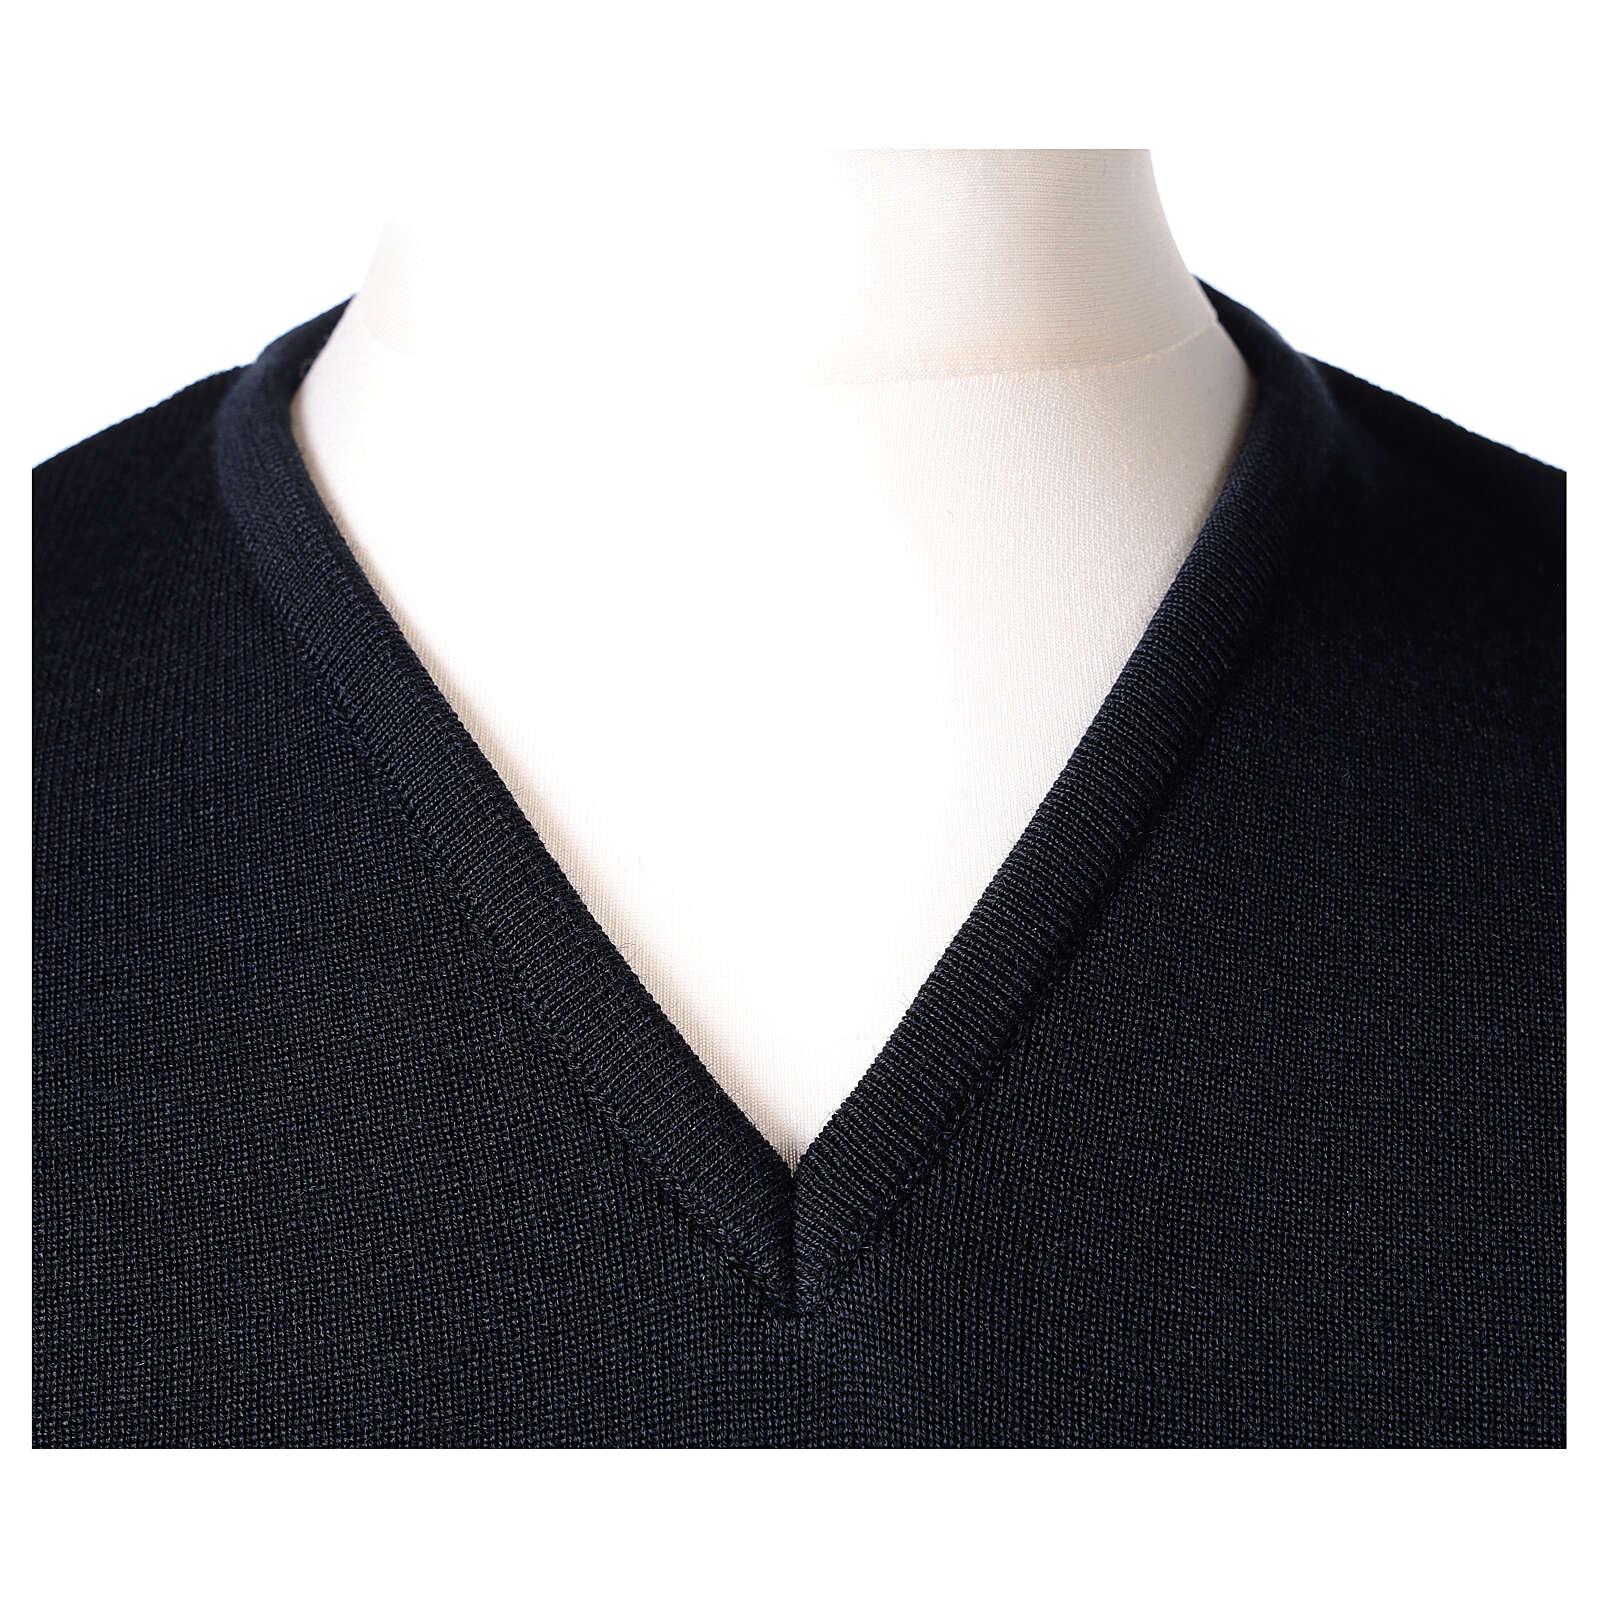 Chaleco sacerdote azul cerrado punto unido 50% lana merina 50% acrílico In Primis 4